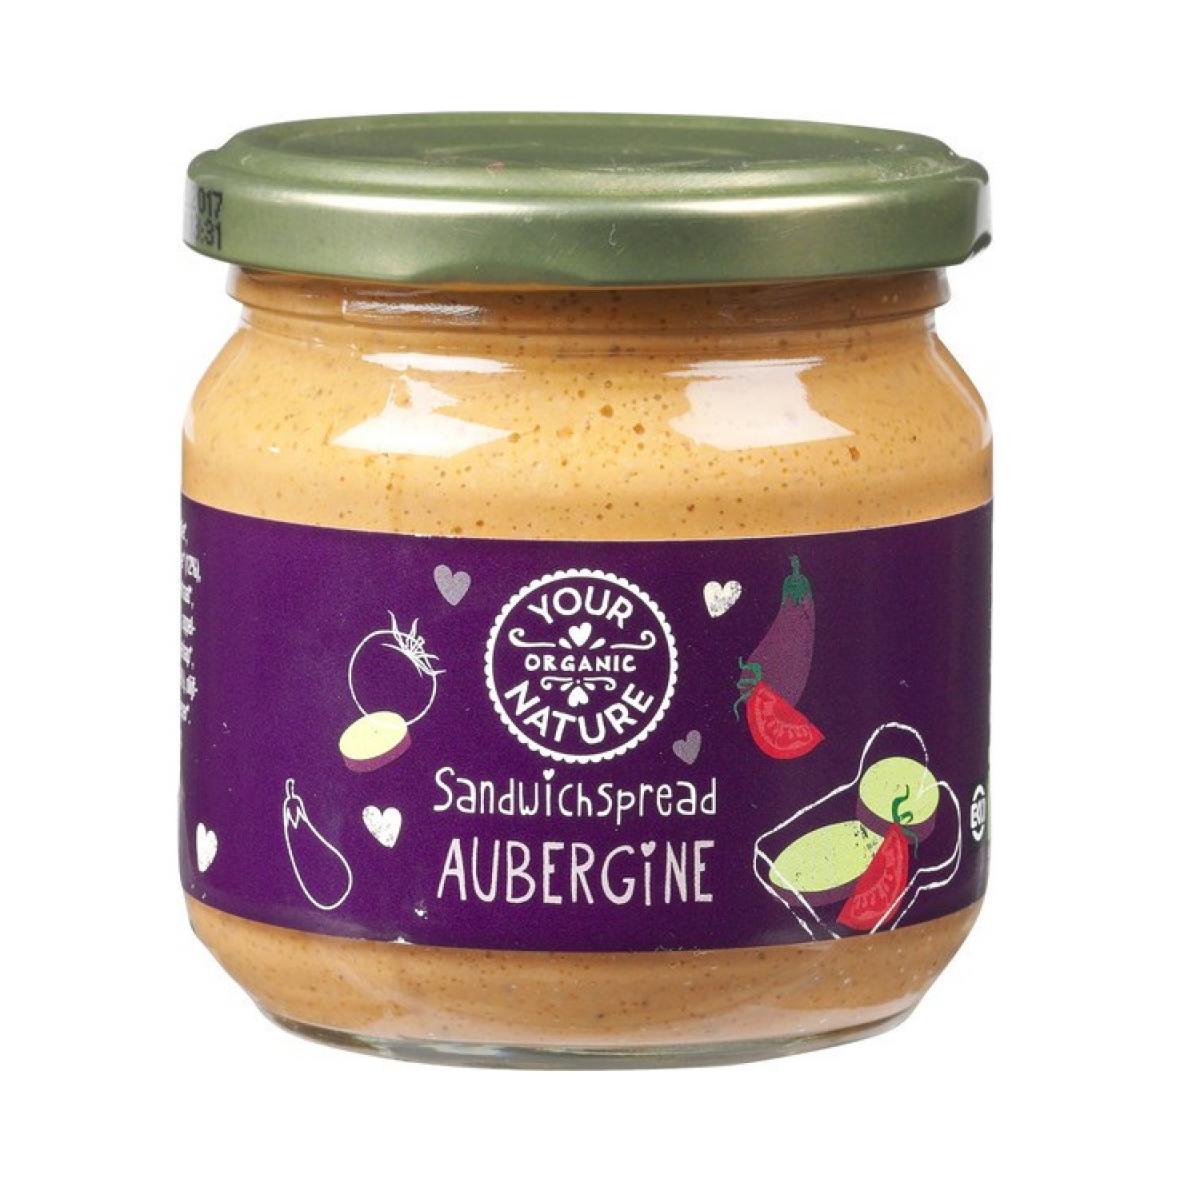 Aubergine Sandwichspread